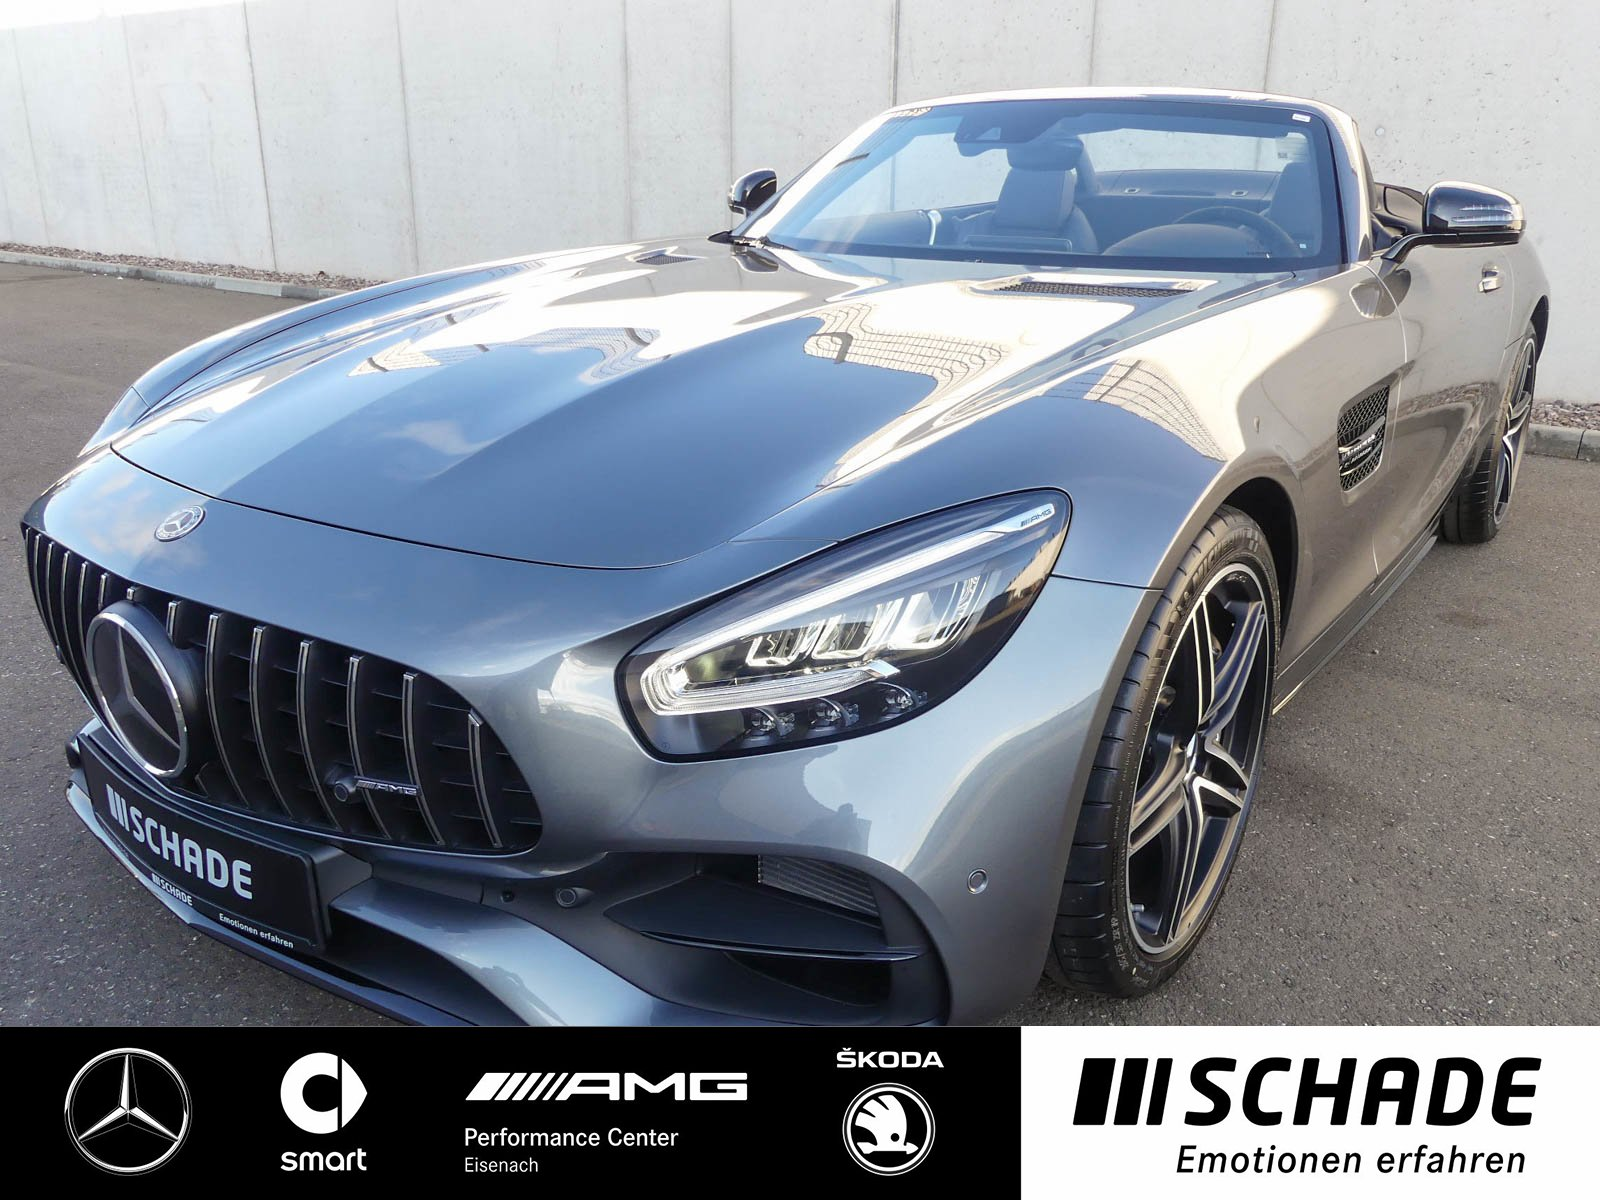 Mercedes-Benz AMG GT Roadster *Comand*Burmester*LED* AMG Sport, Jahr 2019, Benzin